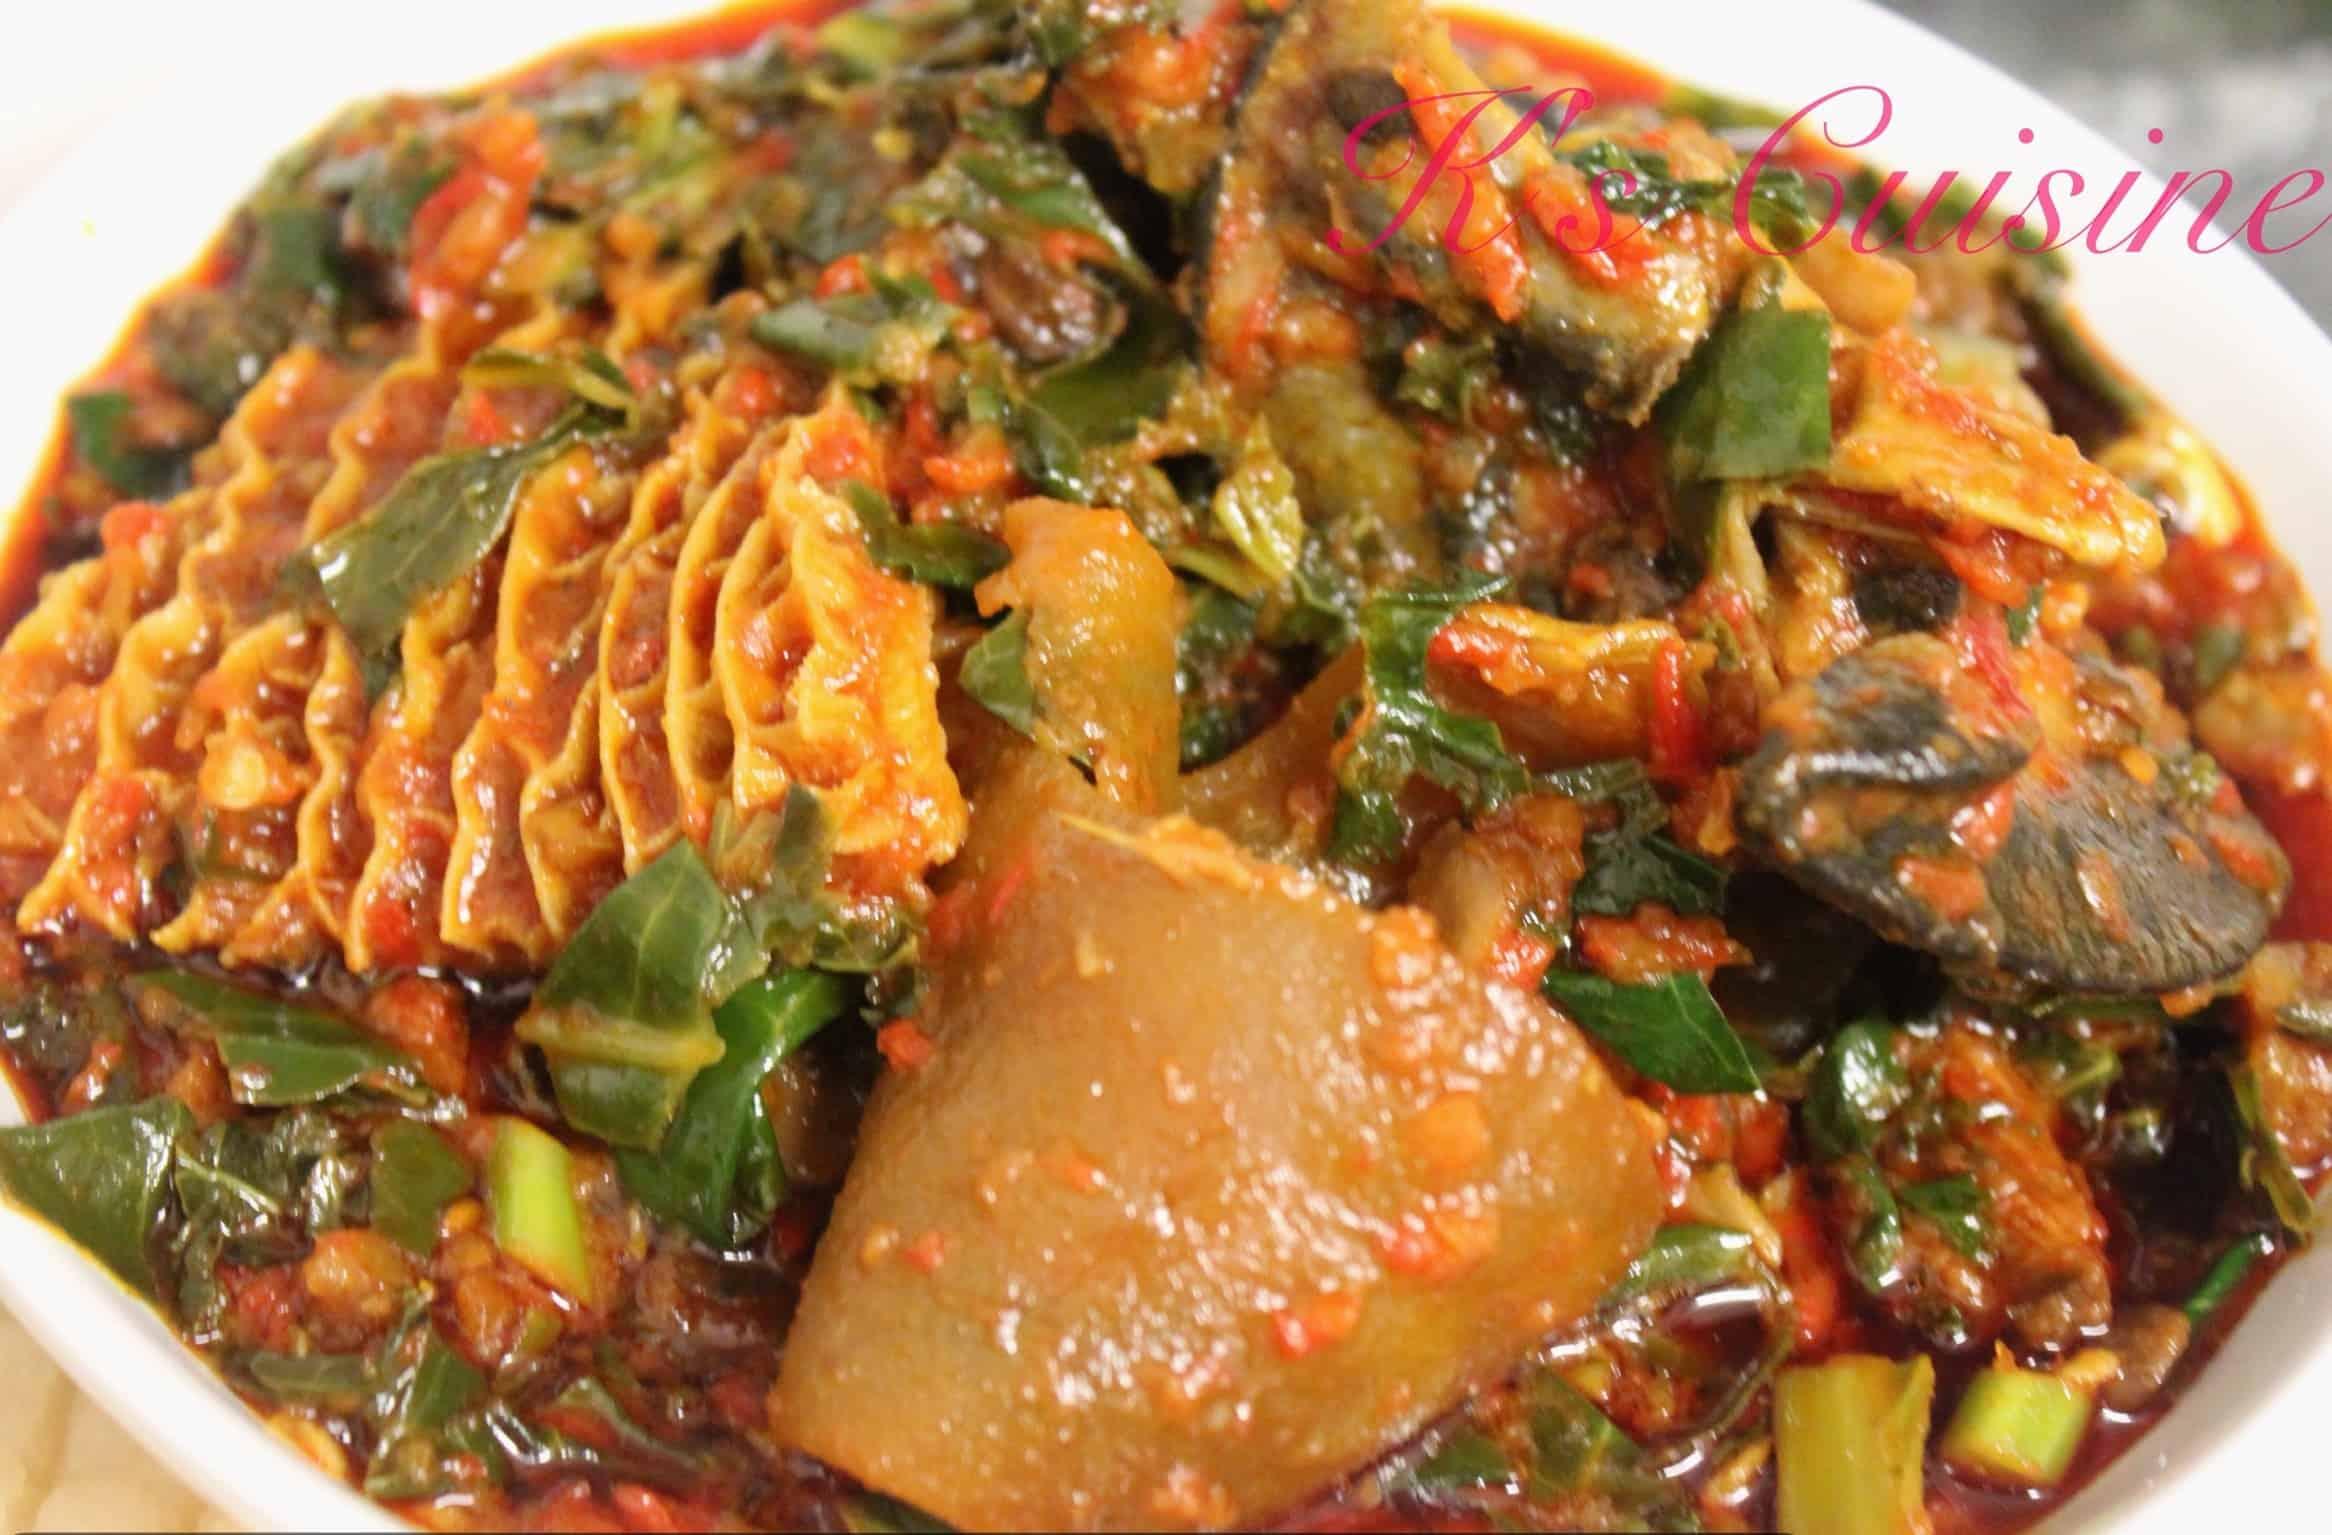 Efo riro k 39 s cuisine - Image cuisine ...